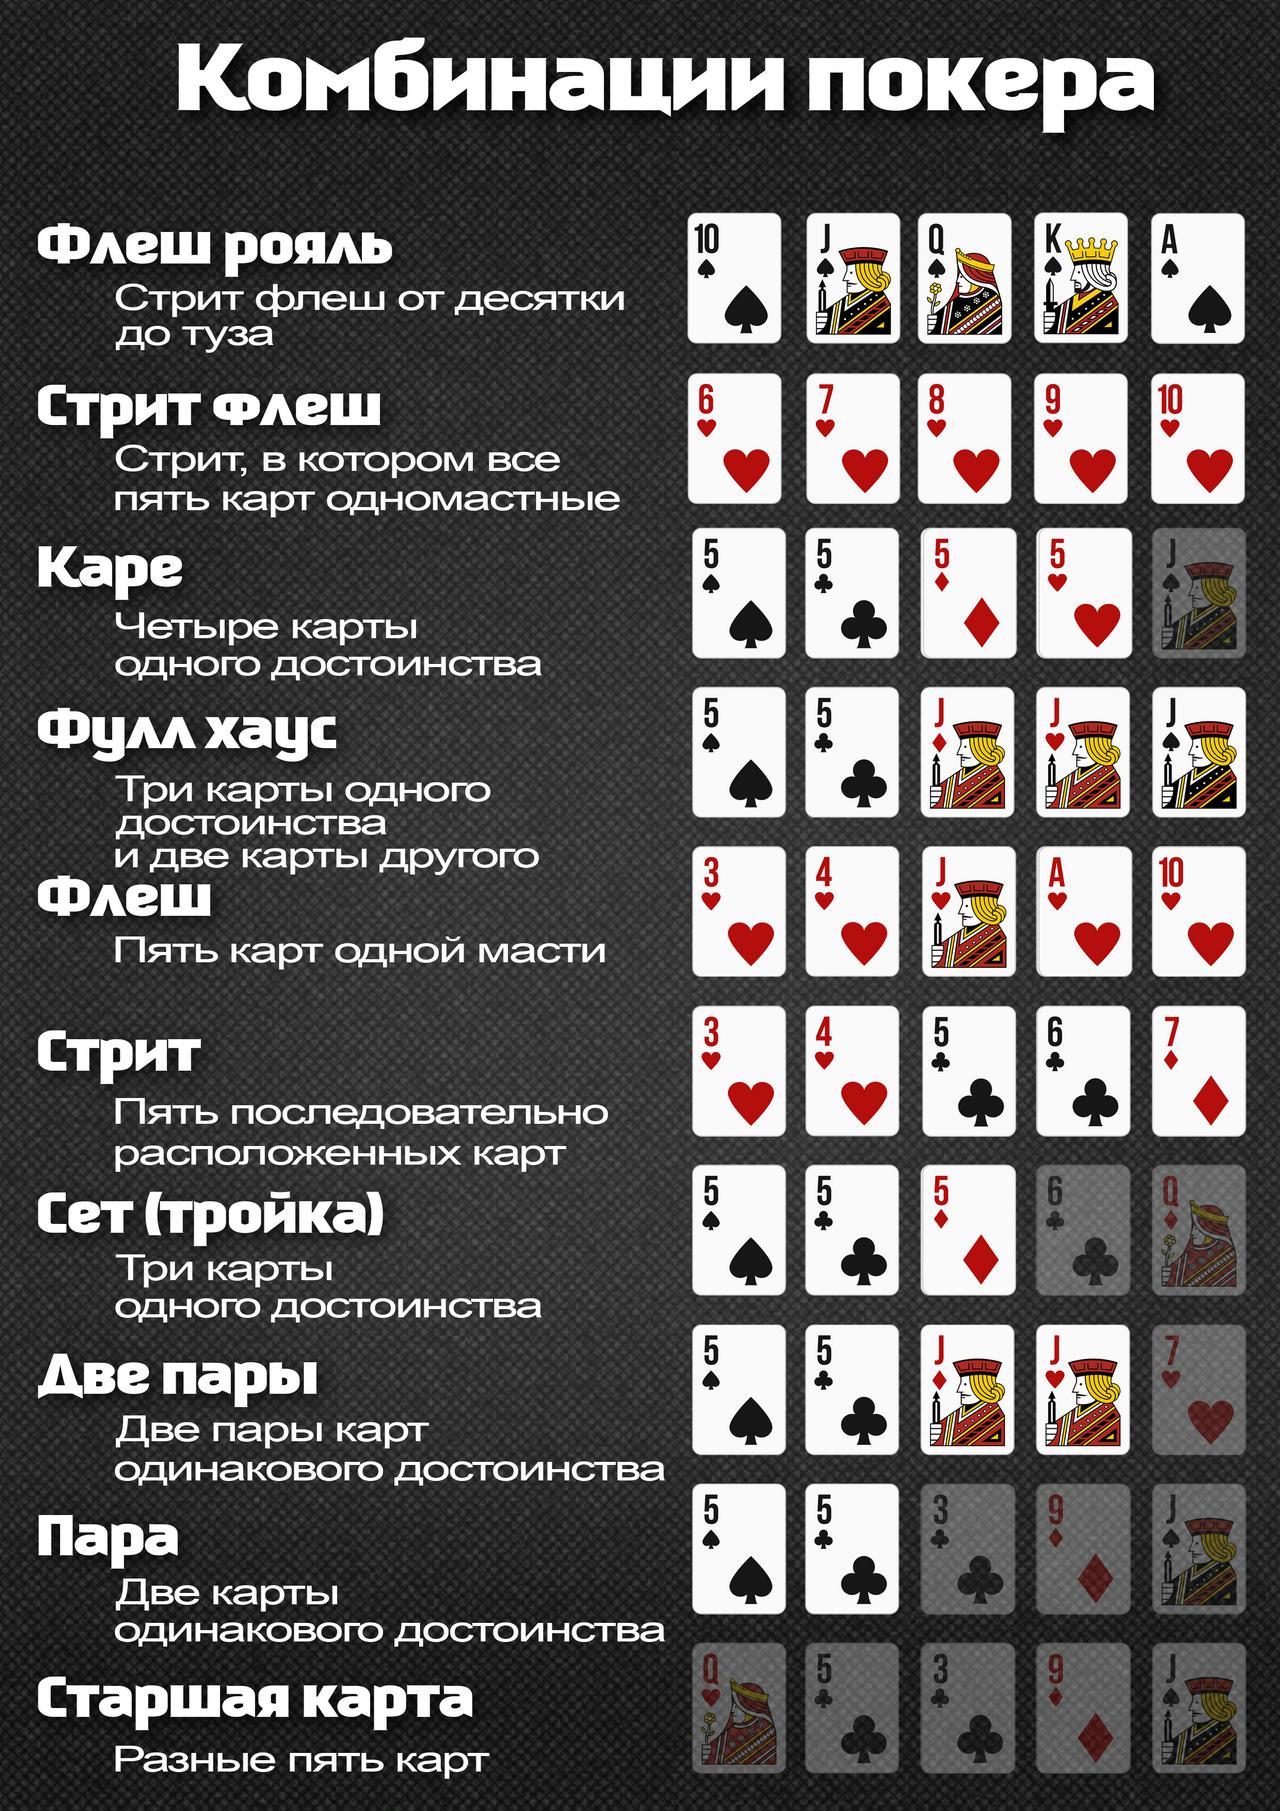 Что такое стрит в покере, примеры и варианты